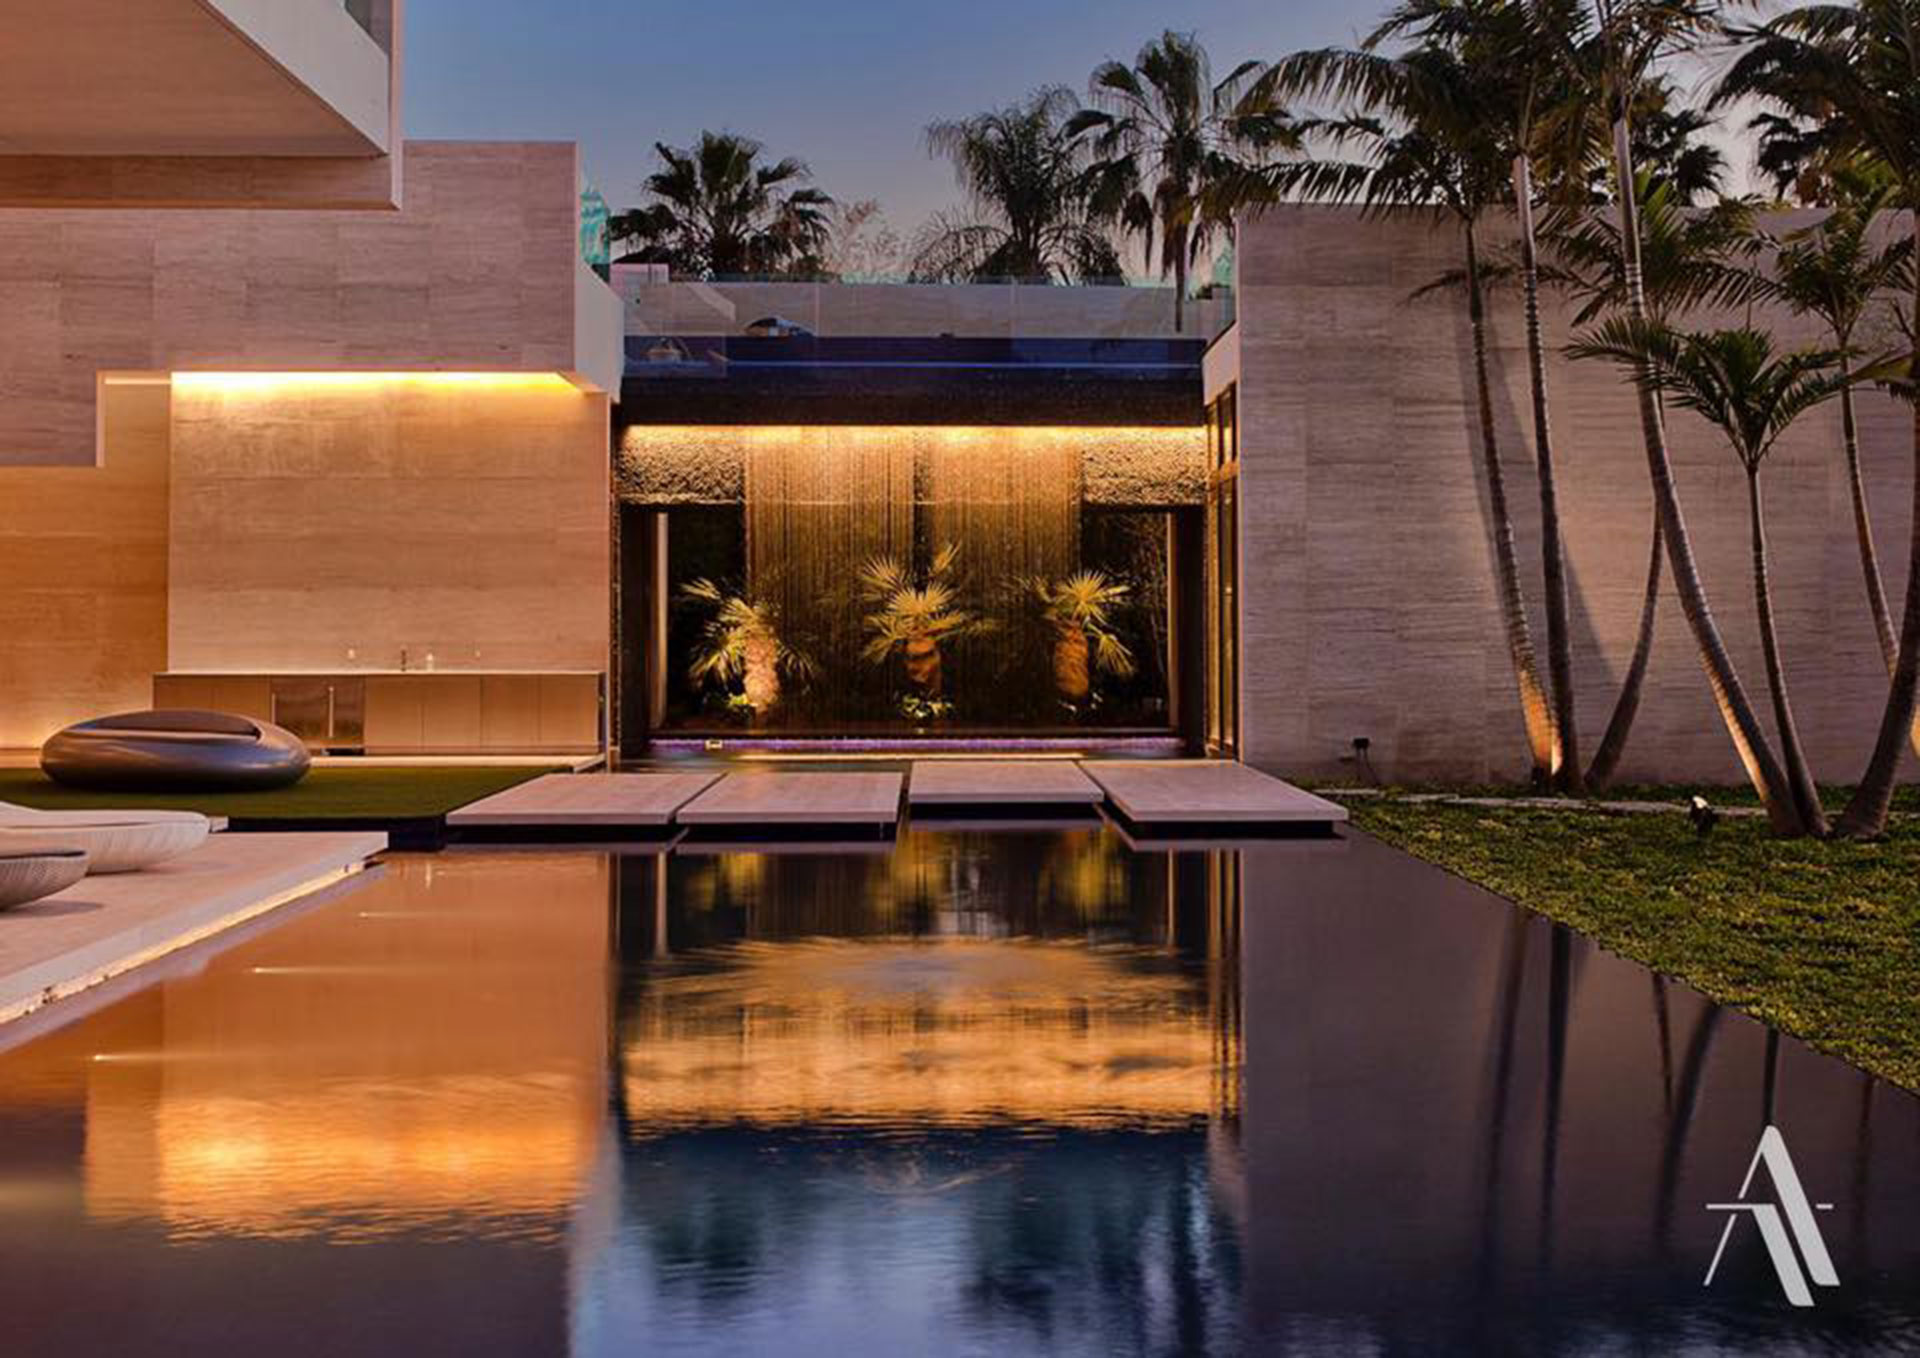 La casa, con detalles ultramodernos, se extiende en casi 2.000 metros cuadrados